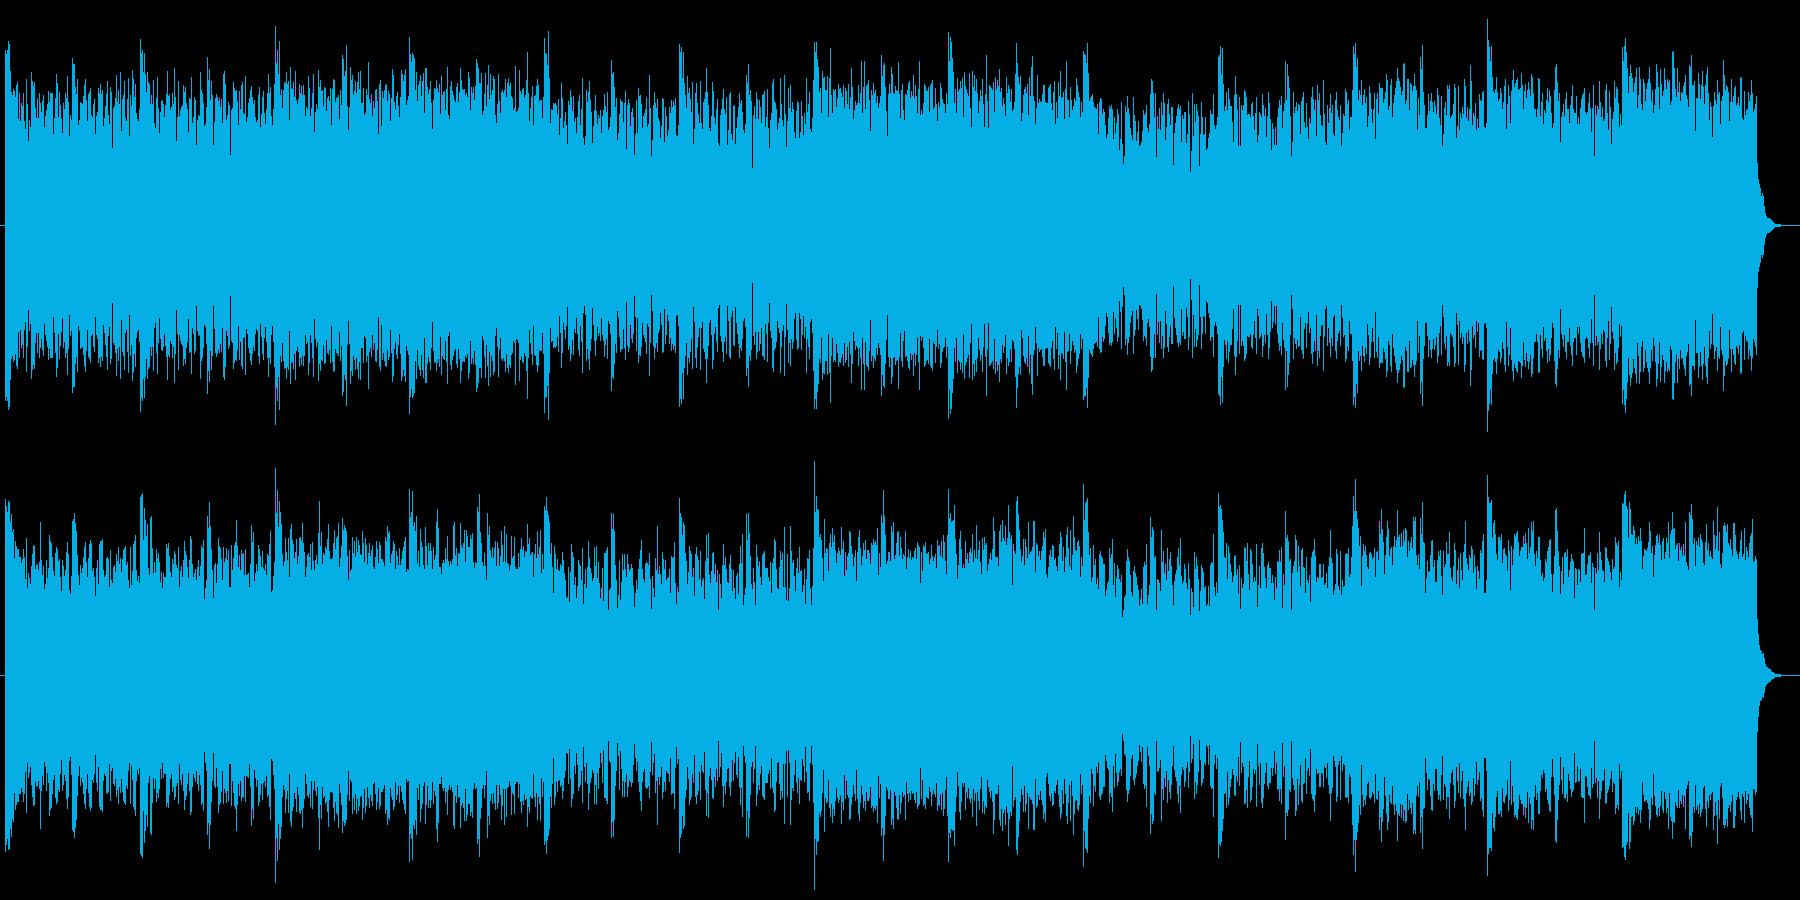 勢いとスピード感あるユーロビートサウンドの再生済みの波形